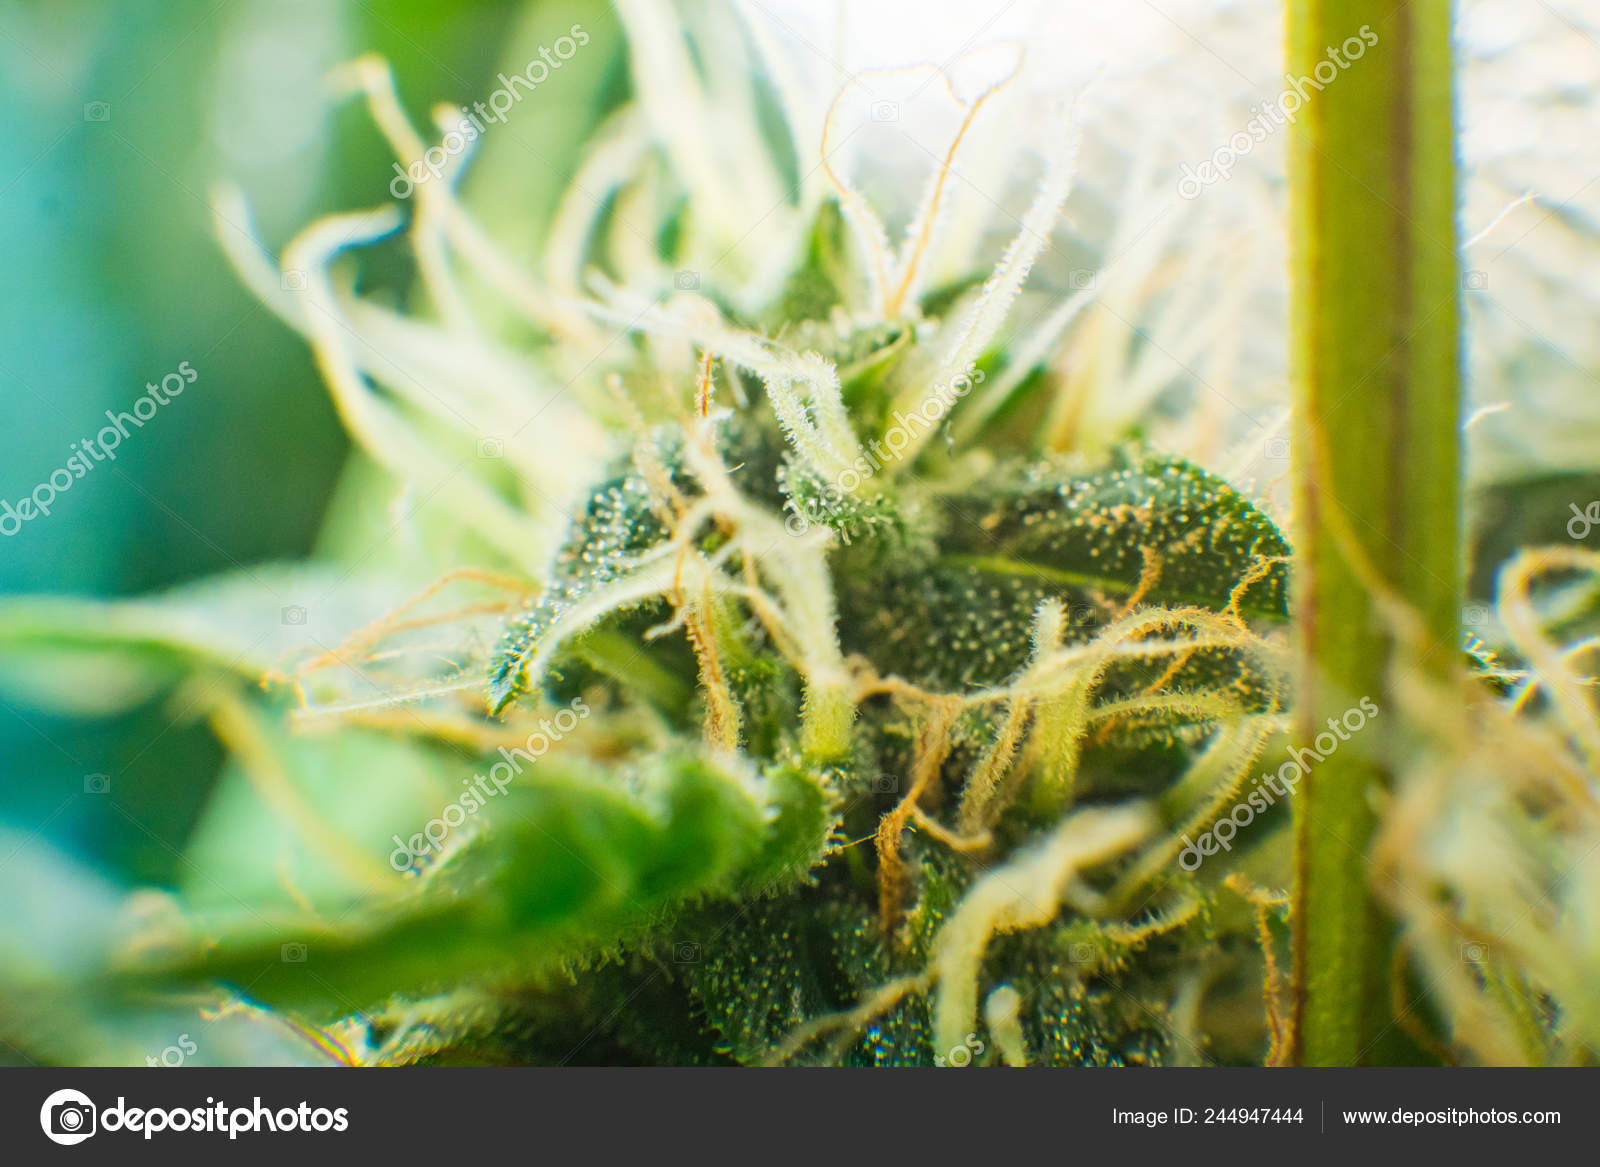 Medicinal indica with CBD  Macro shot of cannabis bud  Green